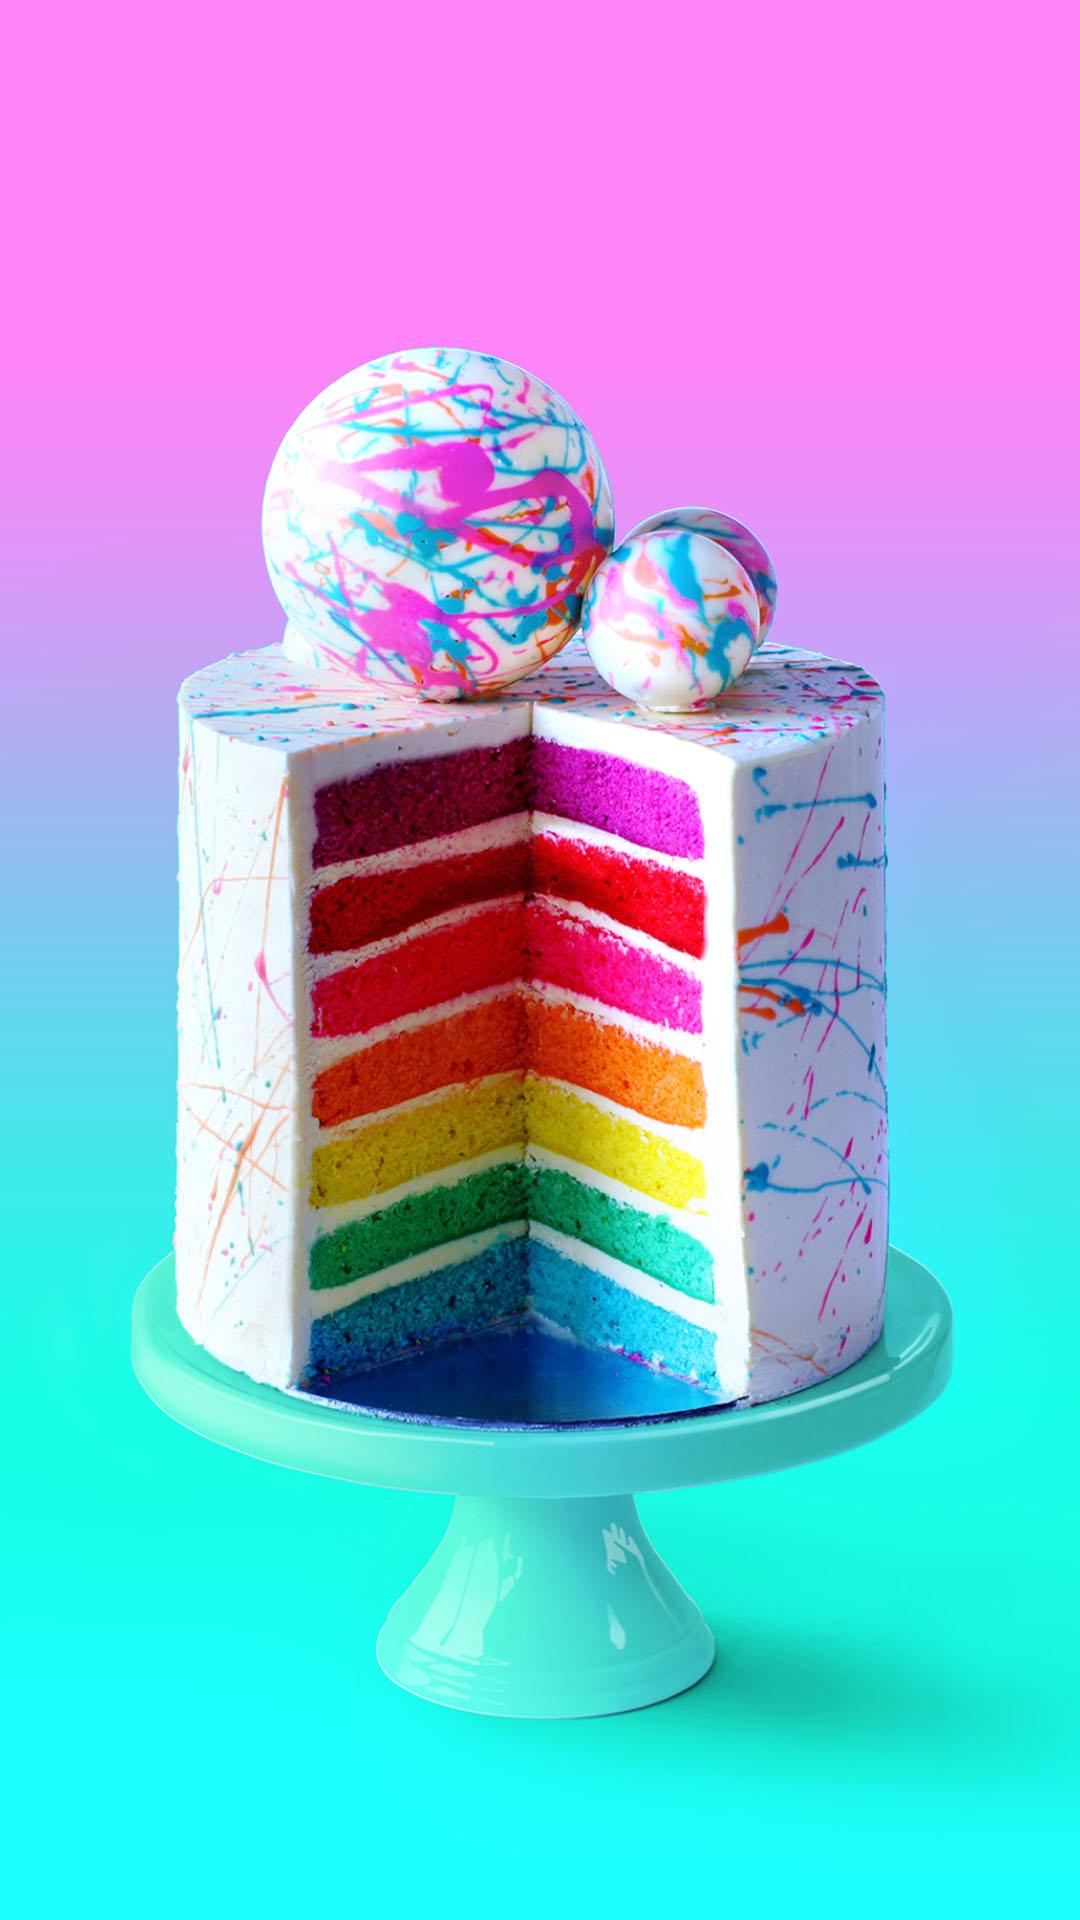 Rainbow layer cake photo